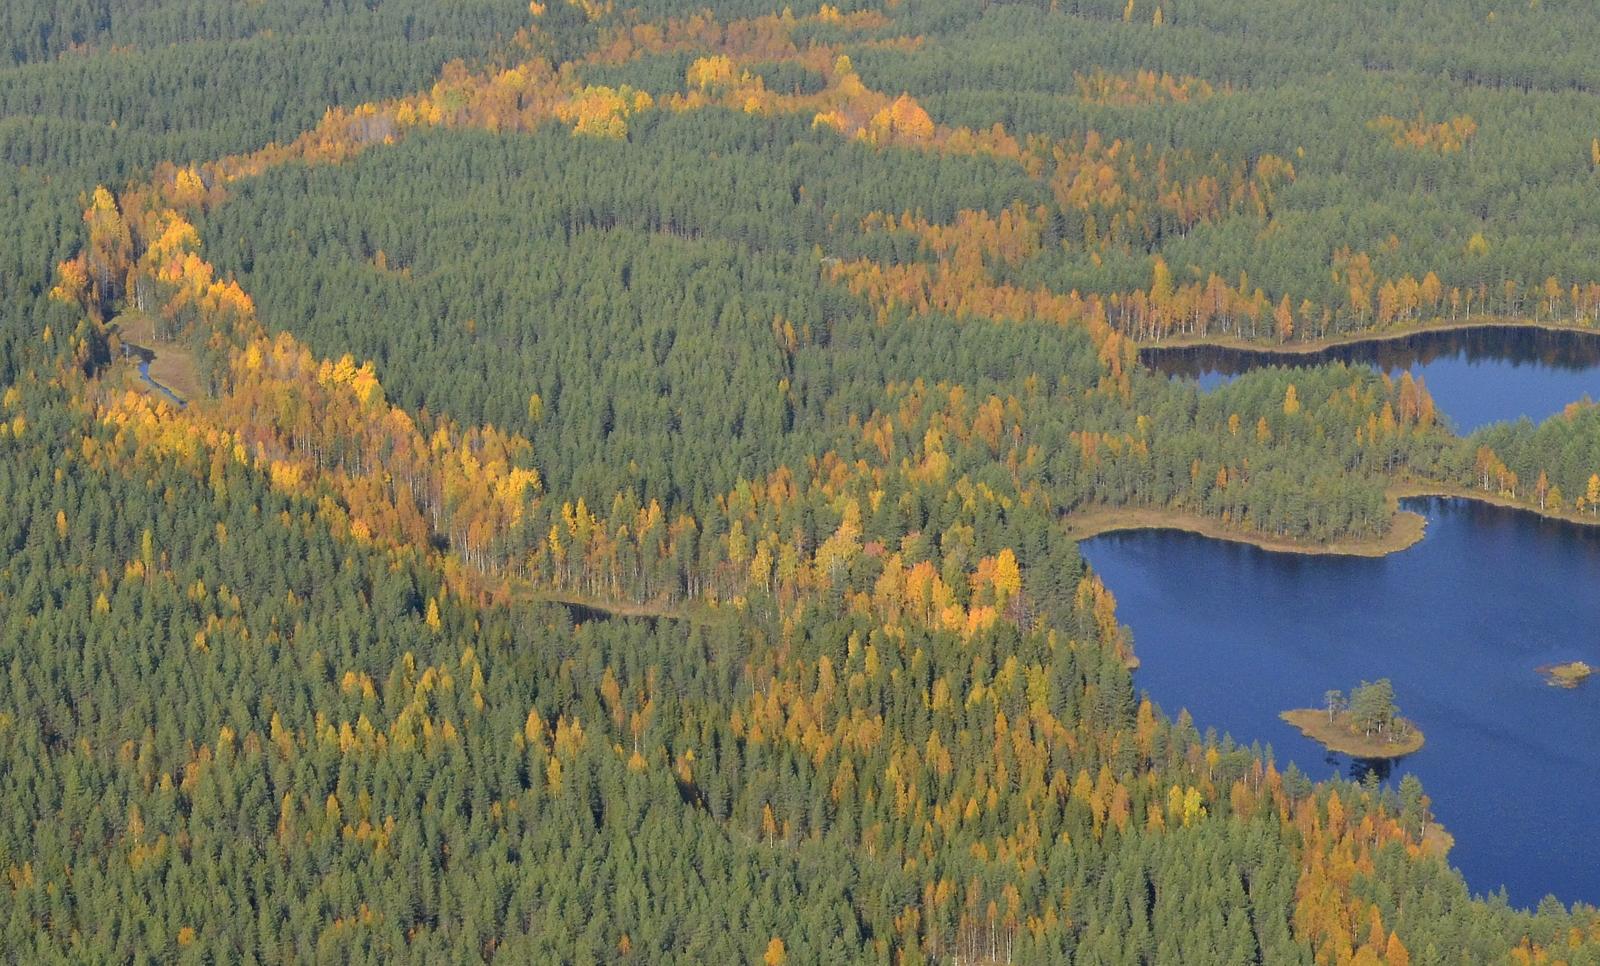 Koukkujärven vedet laskee vasemmalla näkyvää puroa pitkin Vuosjärveen.